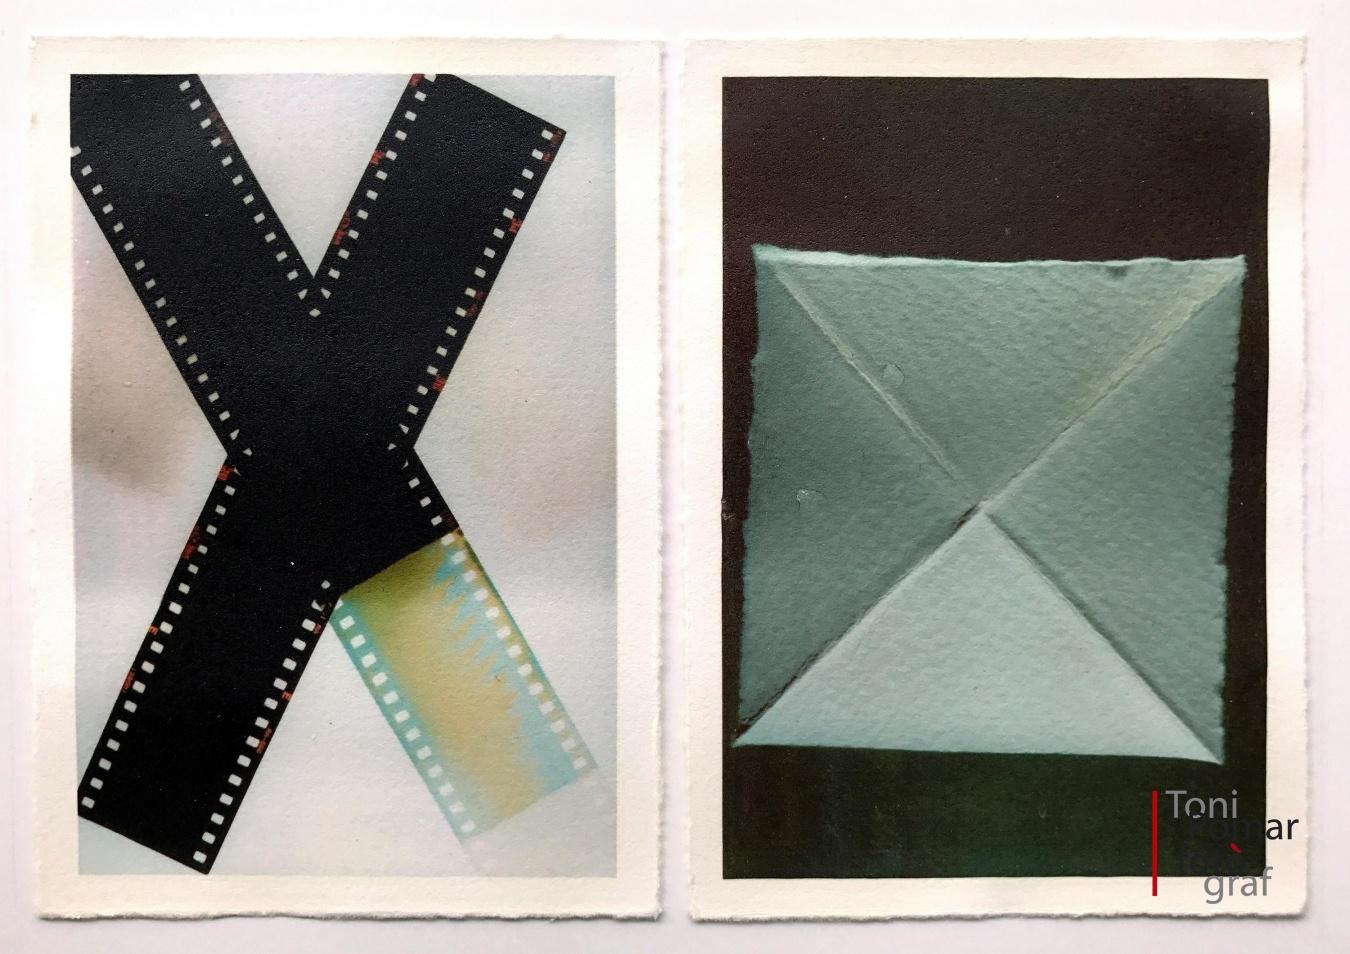 X - Dos trossos de pel·licula fotogràfica | x - Cartolina amb dos doblecs - Alfabet - Toni Pomar. Alfabet